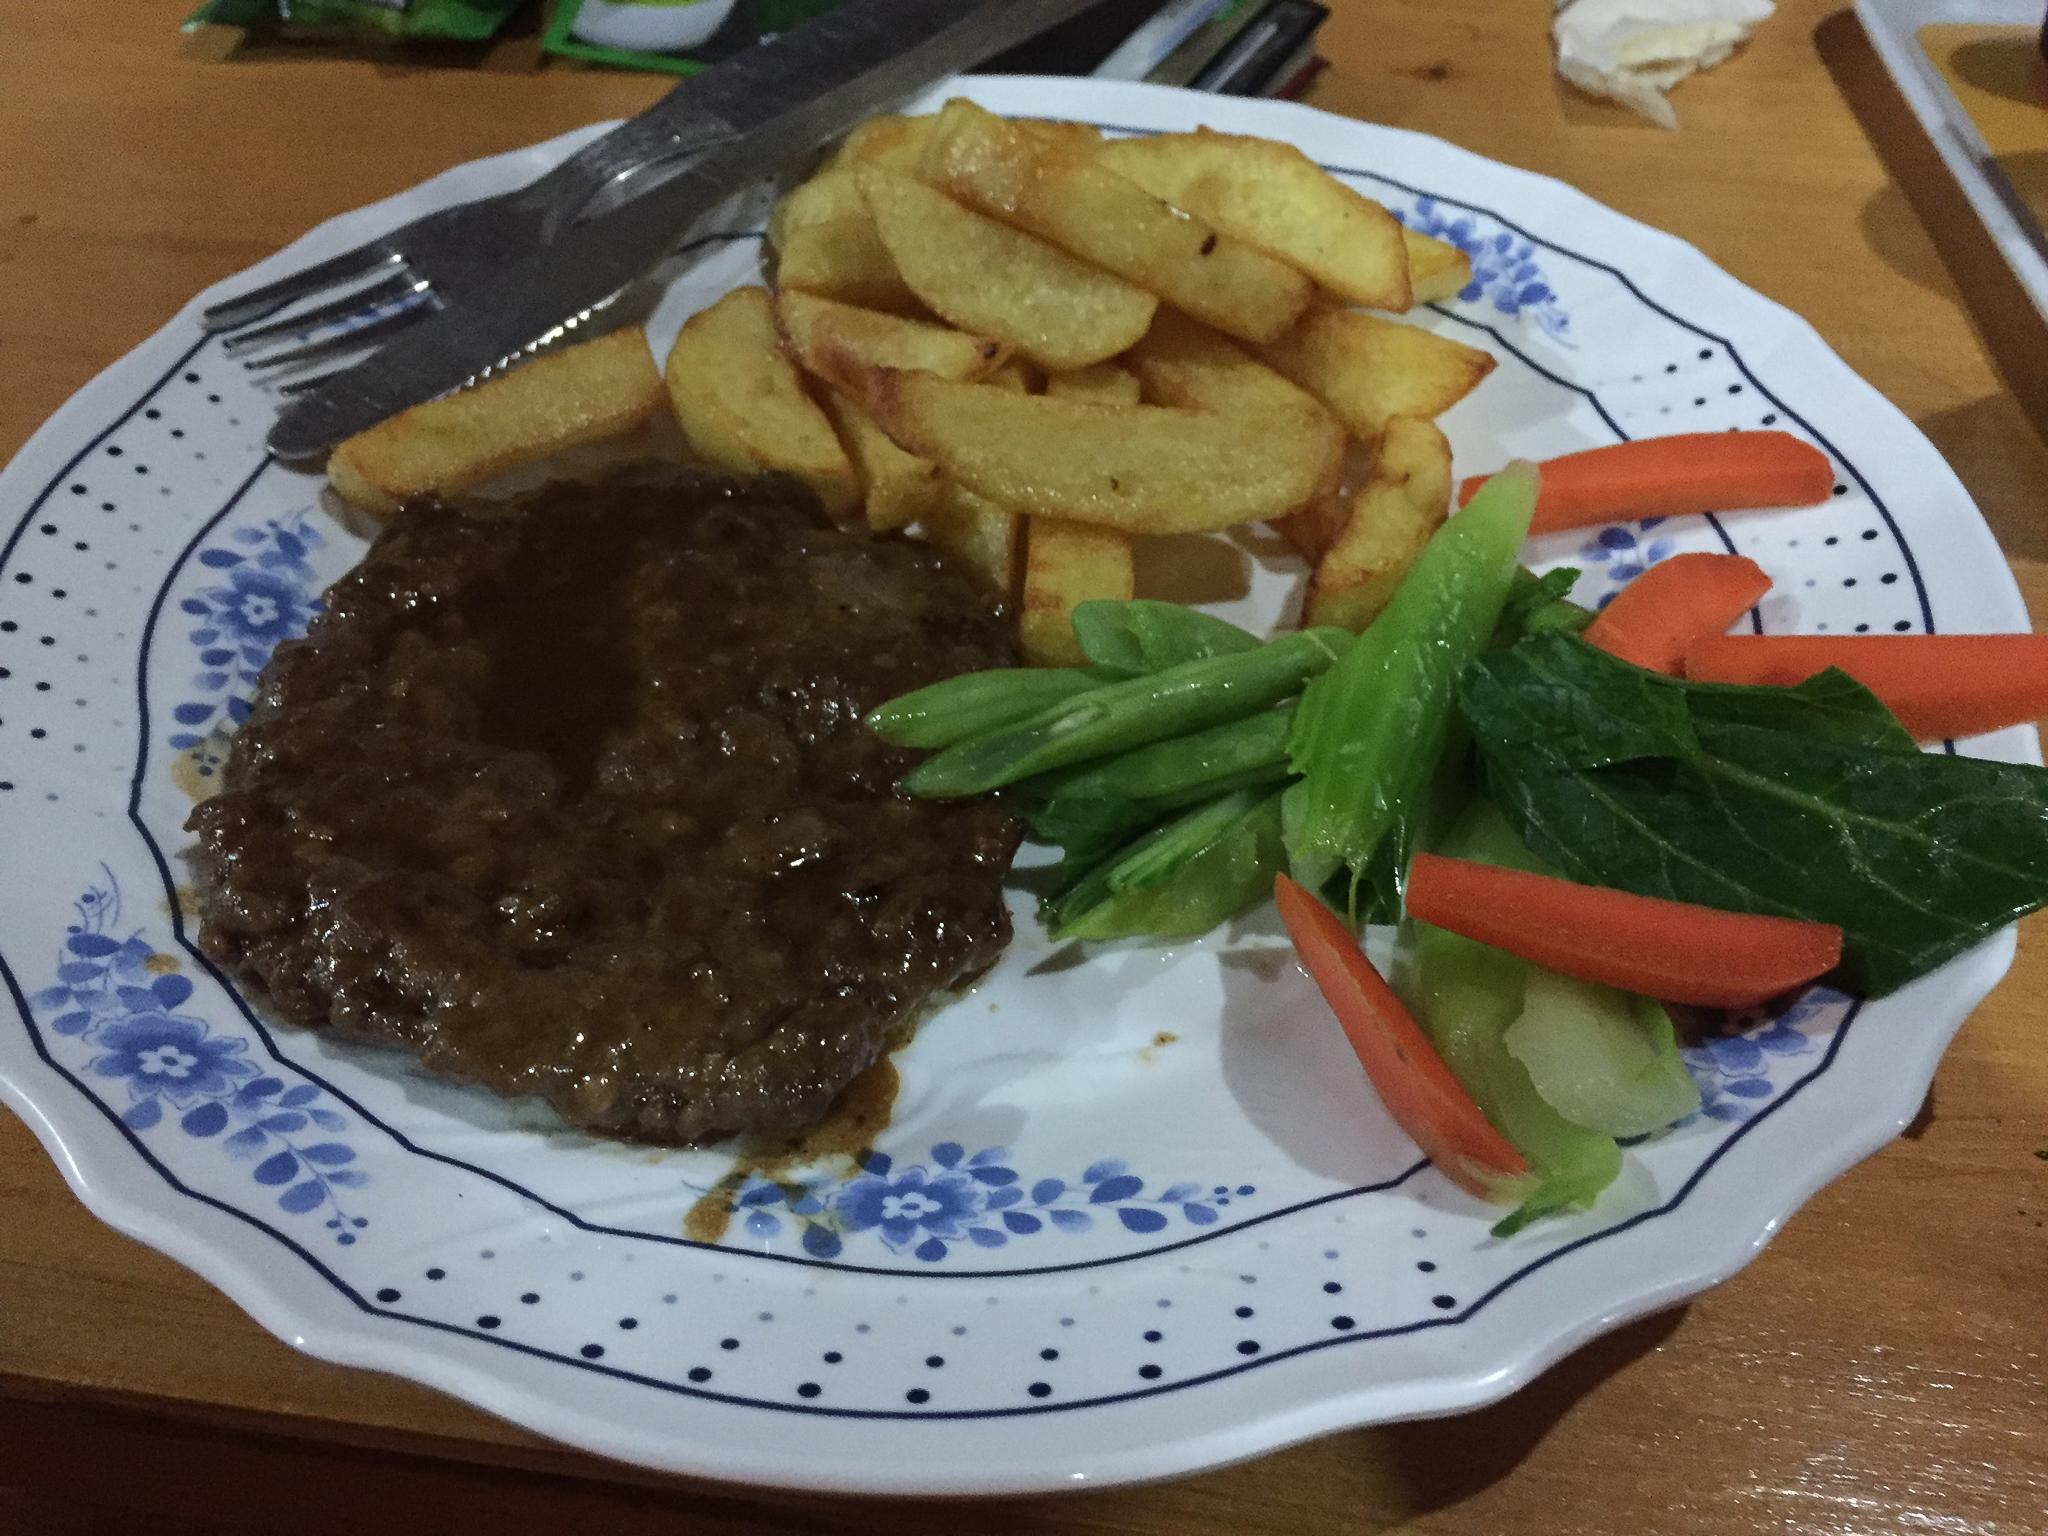 Yak steak, famous Nepali potato fries and veggies